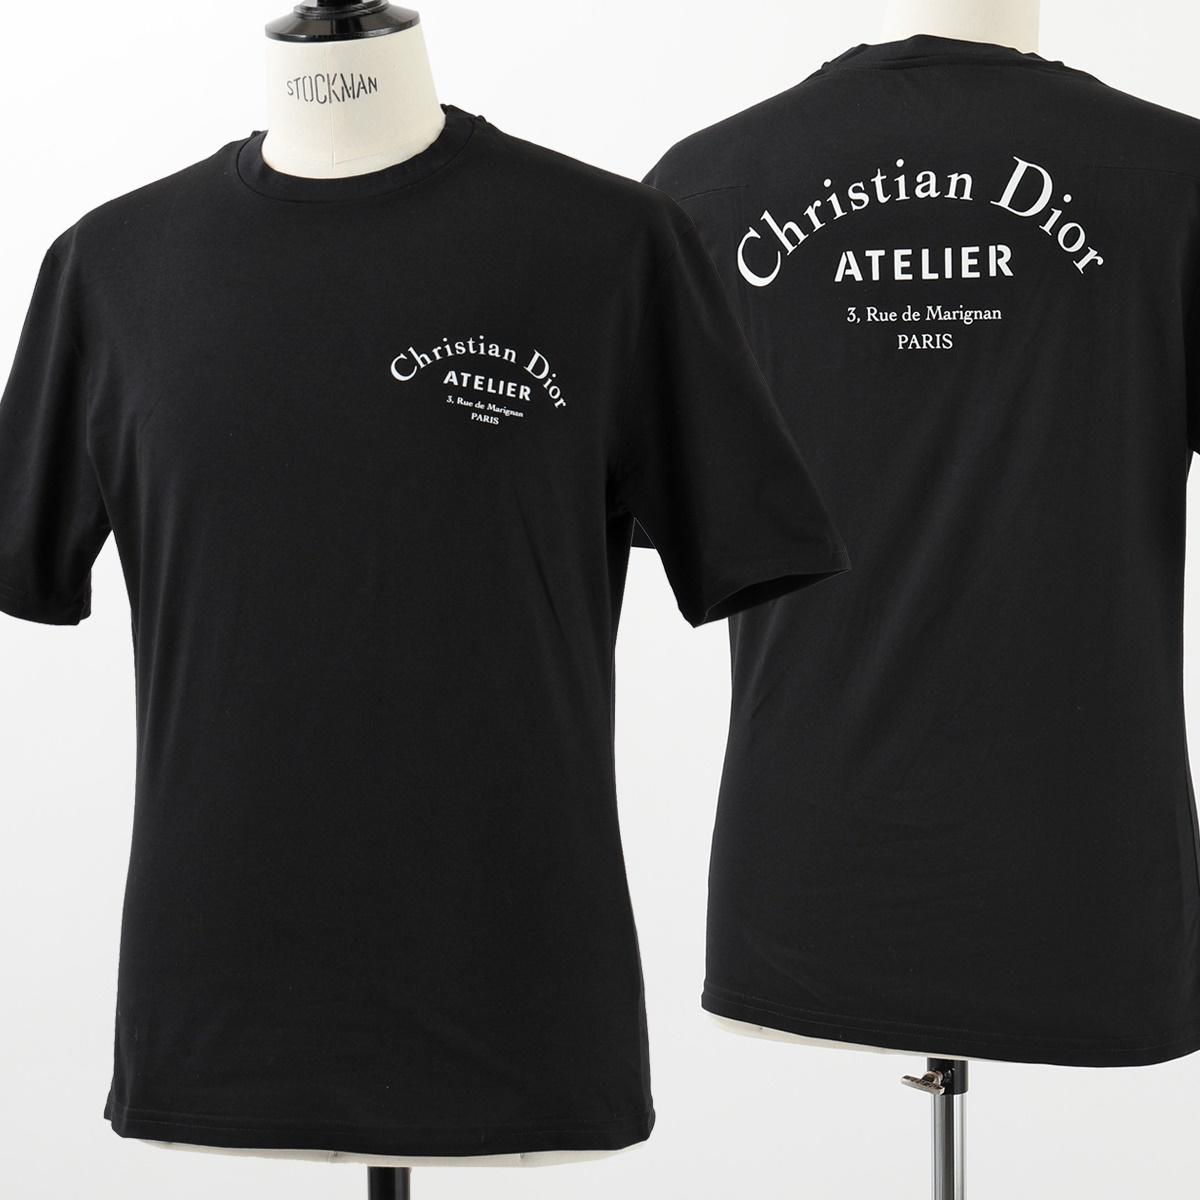 new product 467a7 19050 Dior Homme ディオールオム 863J621I2712 TSHIRT MC クルーネック 半袖 Tシャツ カットソー カラー980/Noir  メンズ|インポートセレクト musee